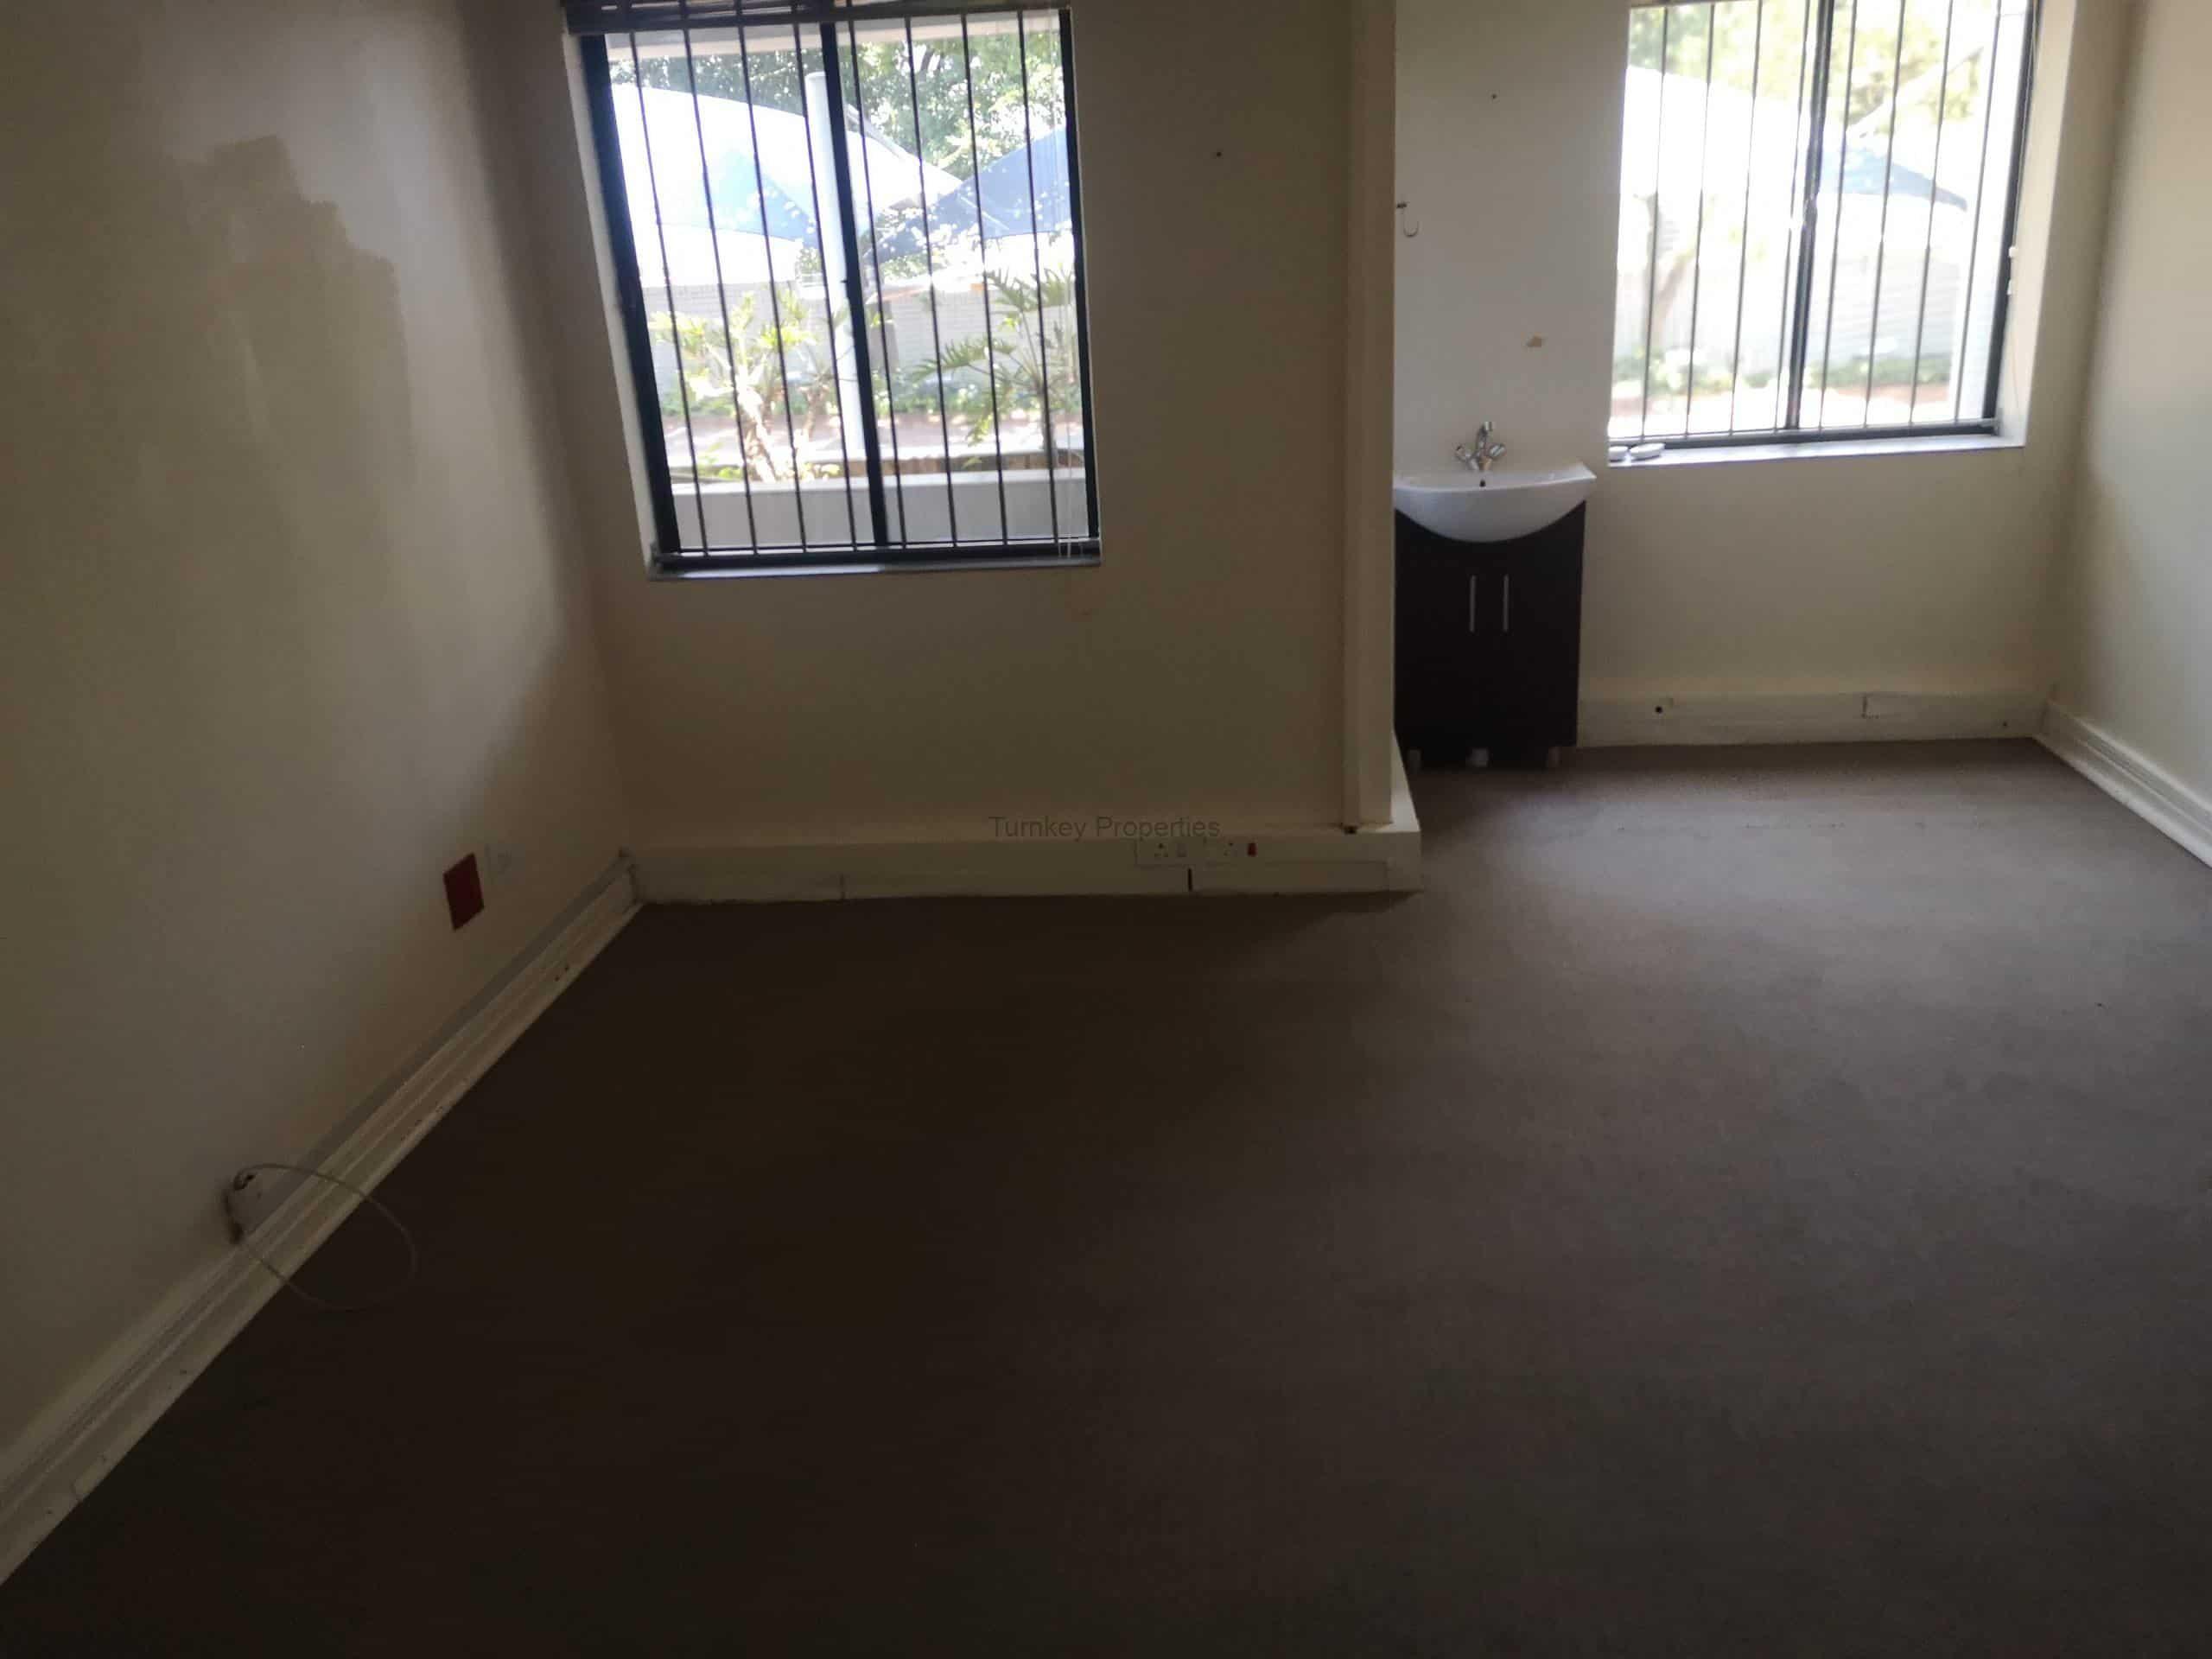 174² Office Space To Rent Bryanston Bryanston Gate